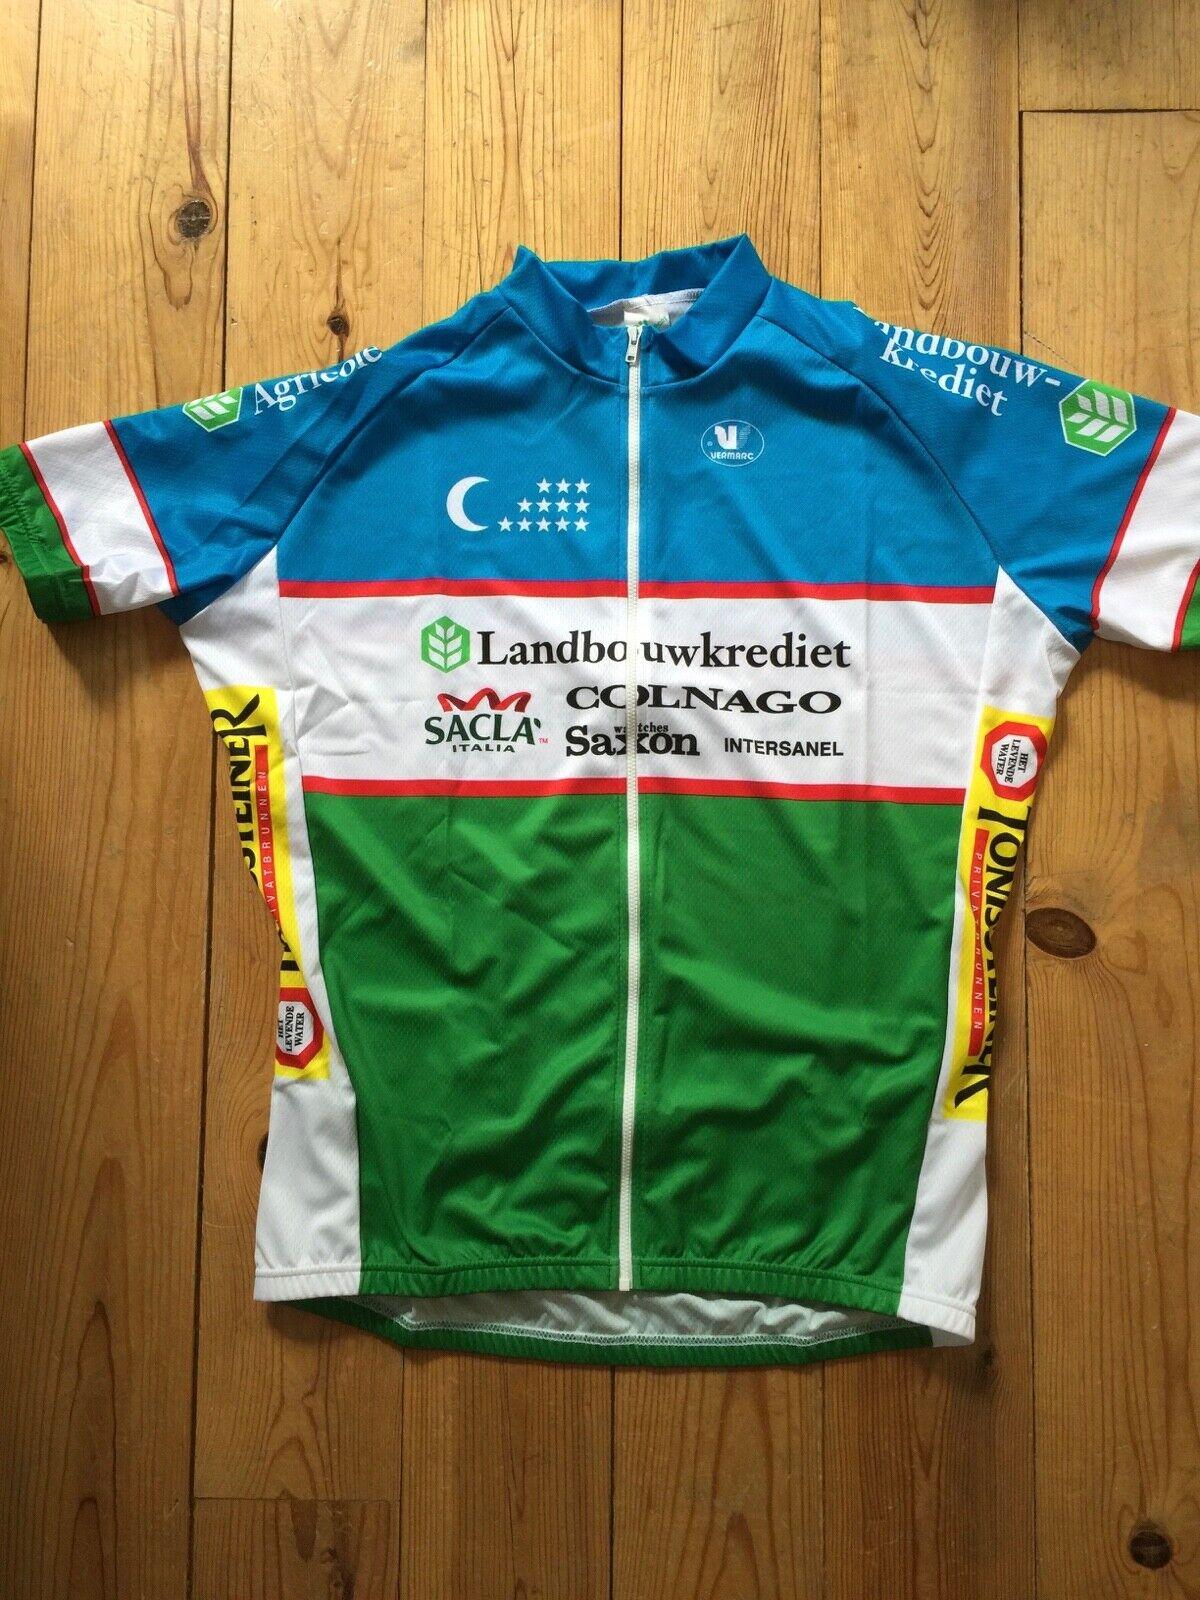 New Team Landbouwkrotiet Colnago Uzbekistan Champ. Radfahren Sie Jersey -  Größes